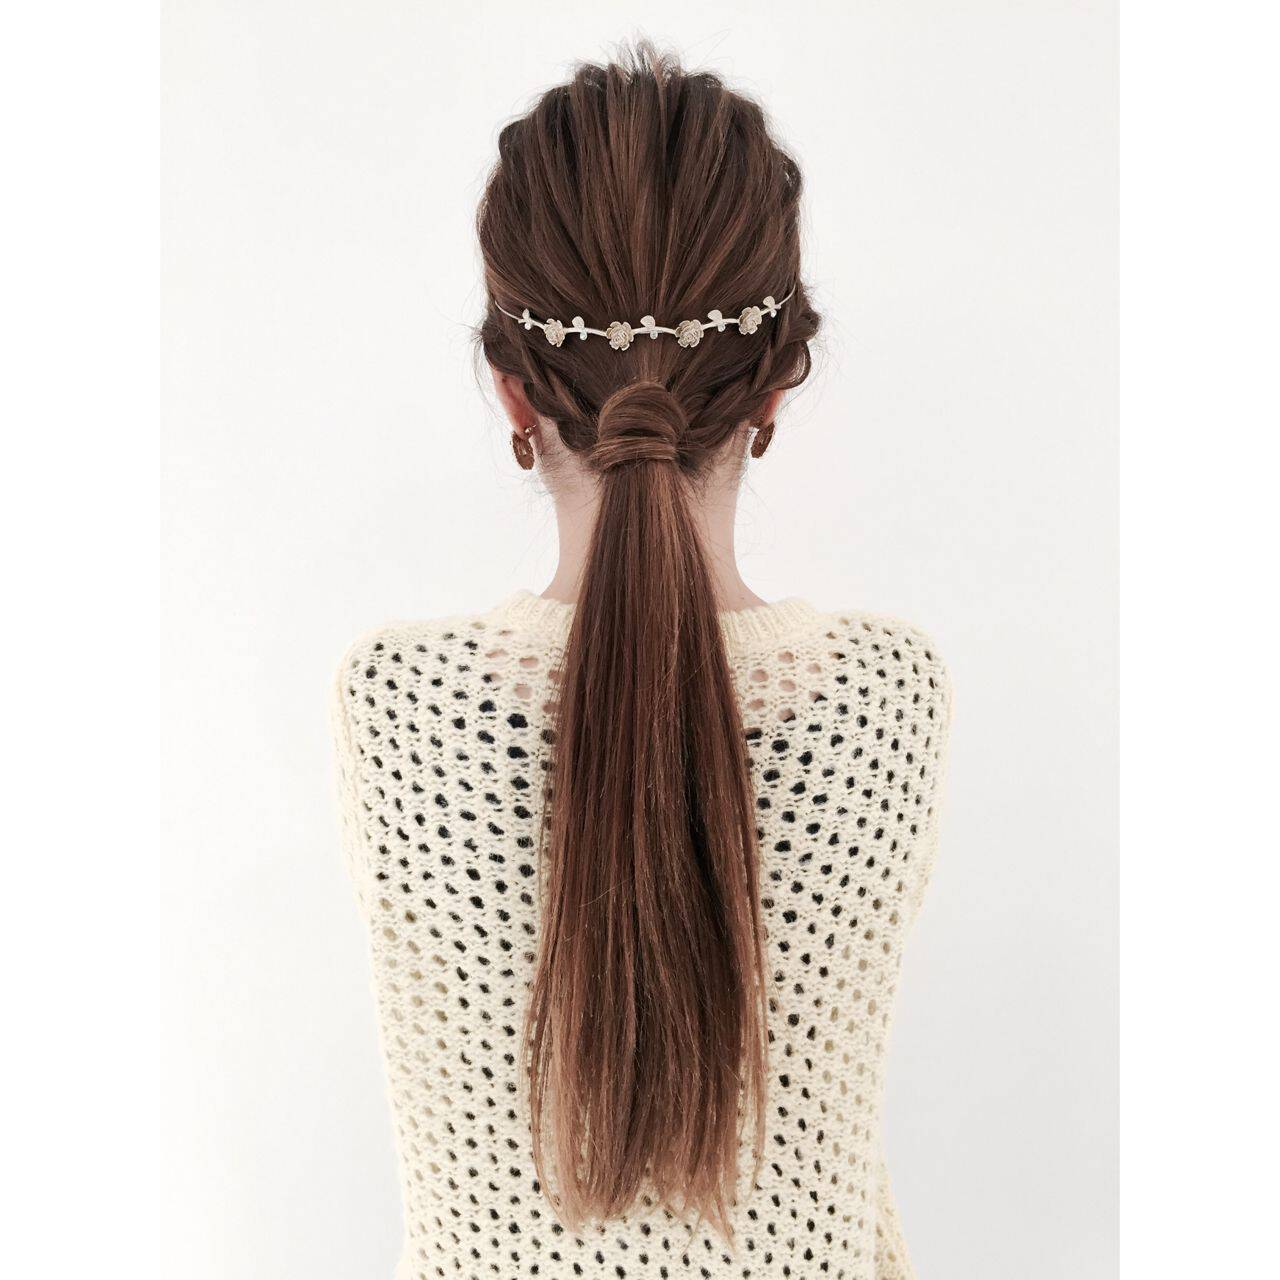 ヘアアレンジ ガーリー ローポニーテールヘアスタイルや髪型の写真・画像